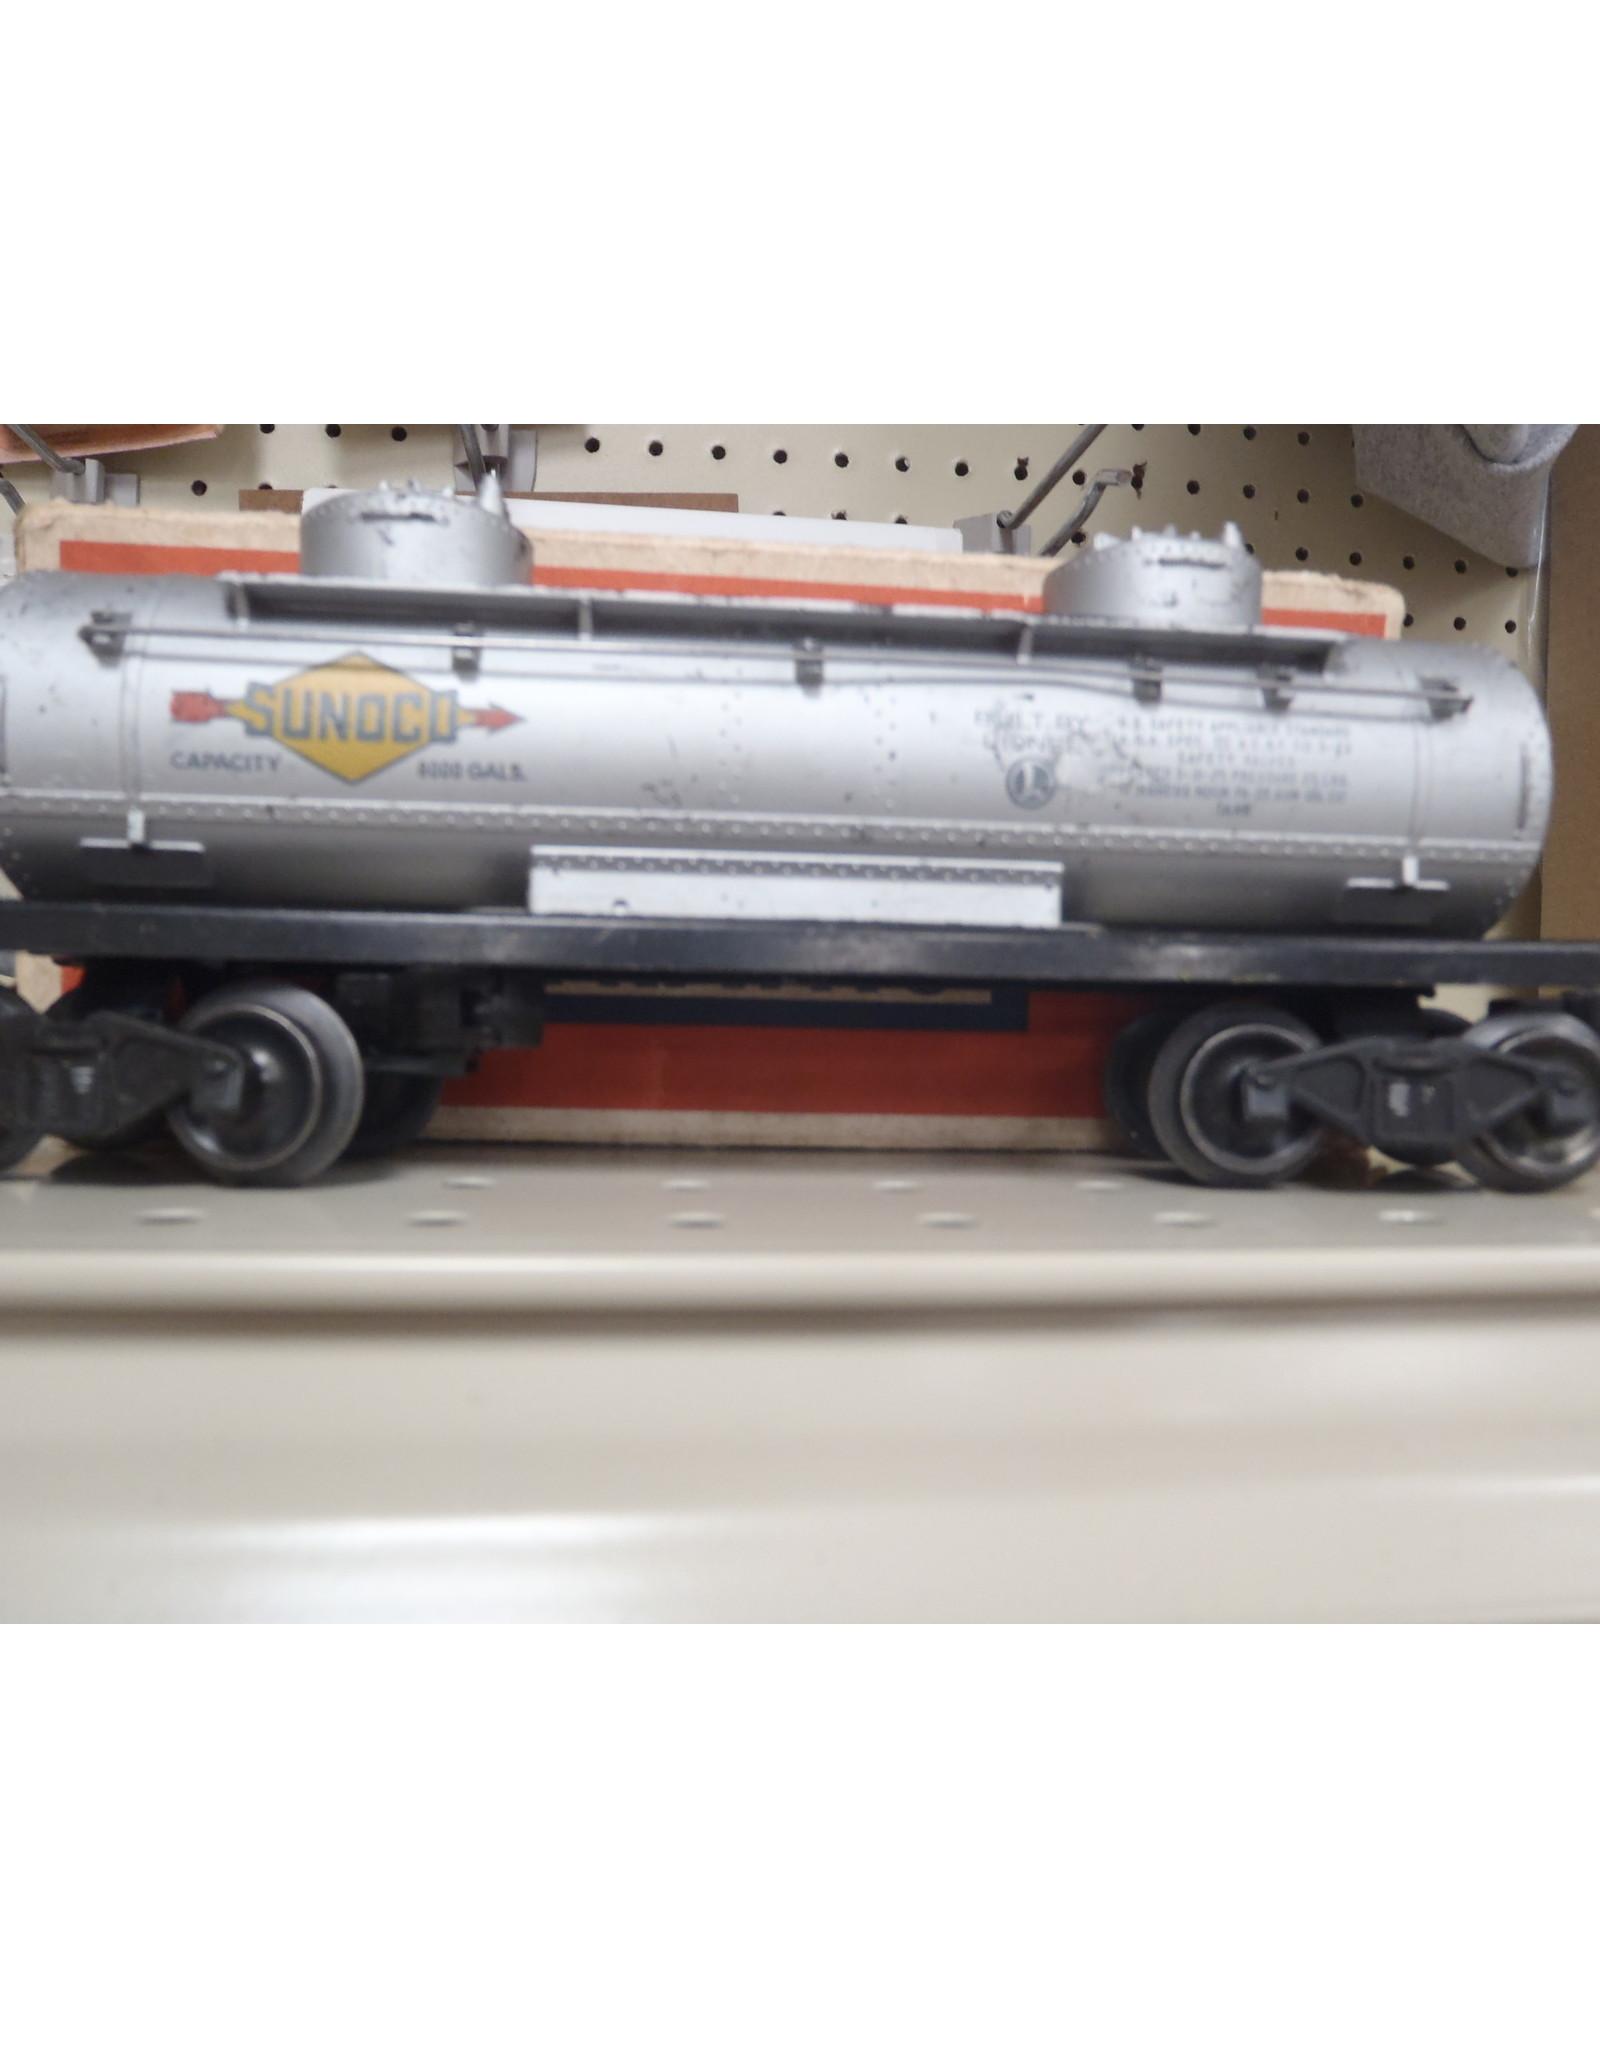 Lionel Tanker Sunoco Double Dome 6465